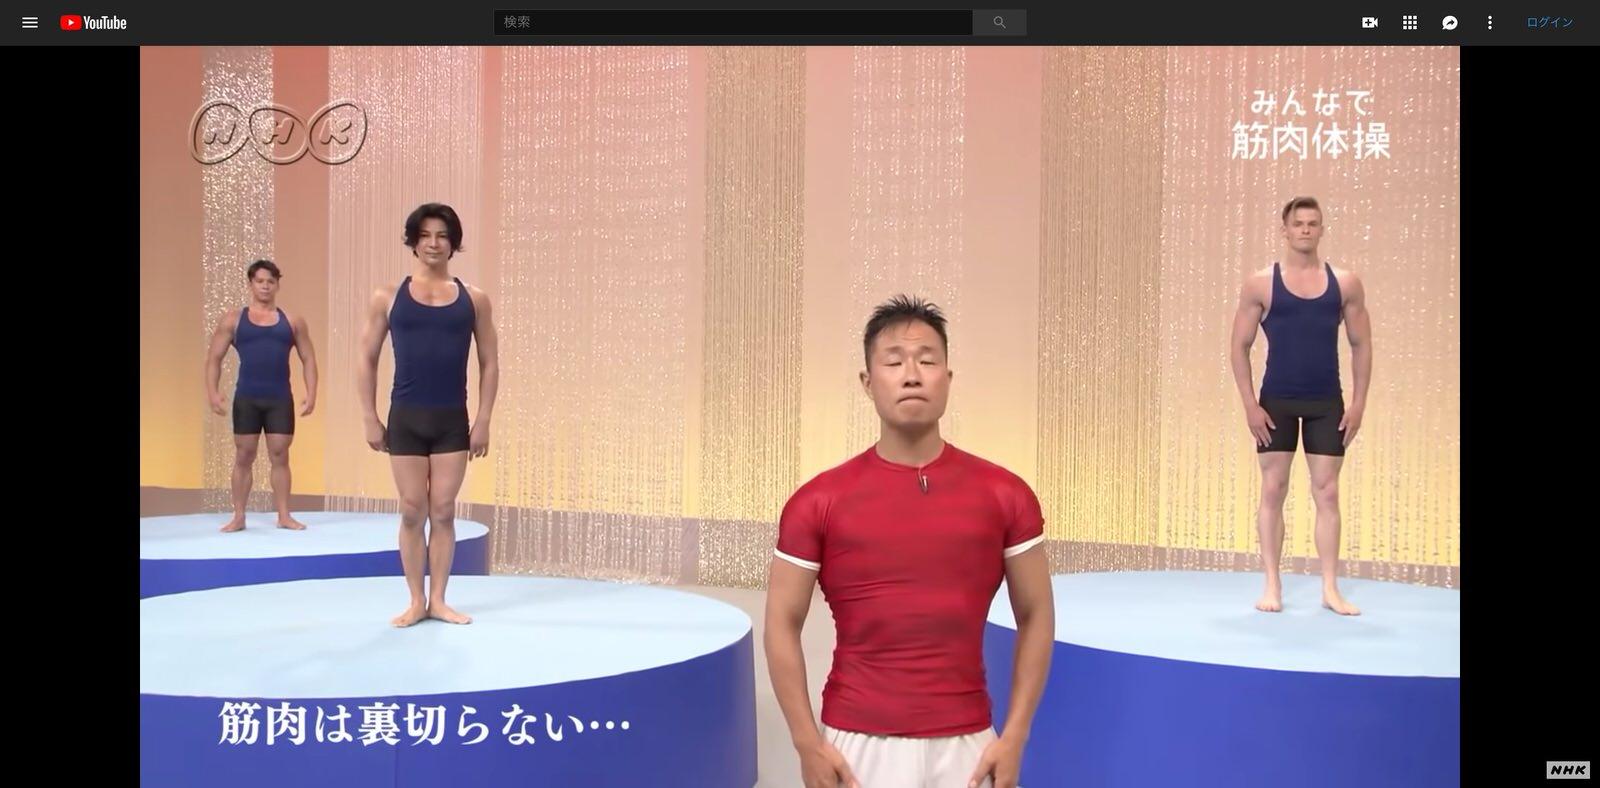 「追い込み切る」「筋肉は裏切らない」NHKの筋トレ番組・みんなで筋肉体操がYouTubeに公開